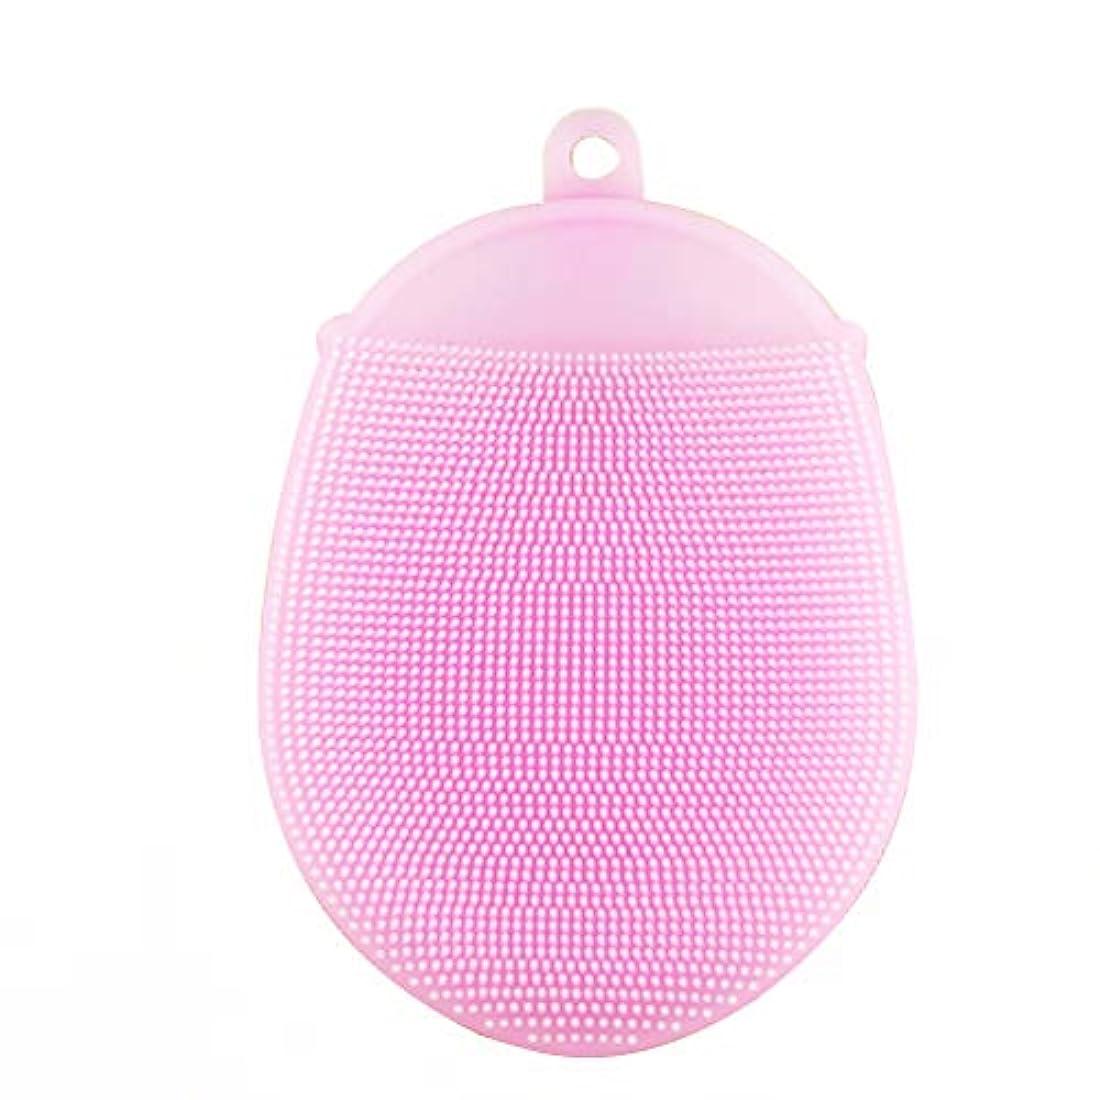 良性屈辱する多様なHealifty シリコン 入浴ブラシ 抗菌 シャワースクラバー 洗顔パッド 2本入 (ピンク)